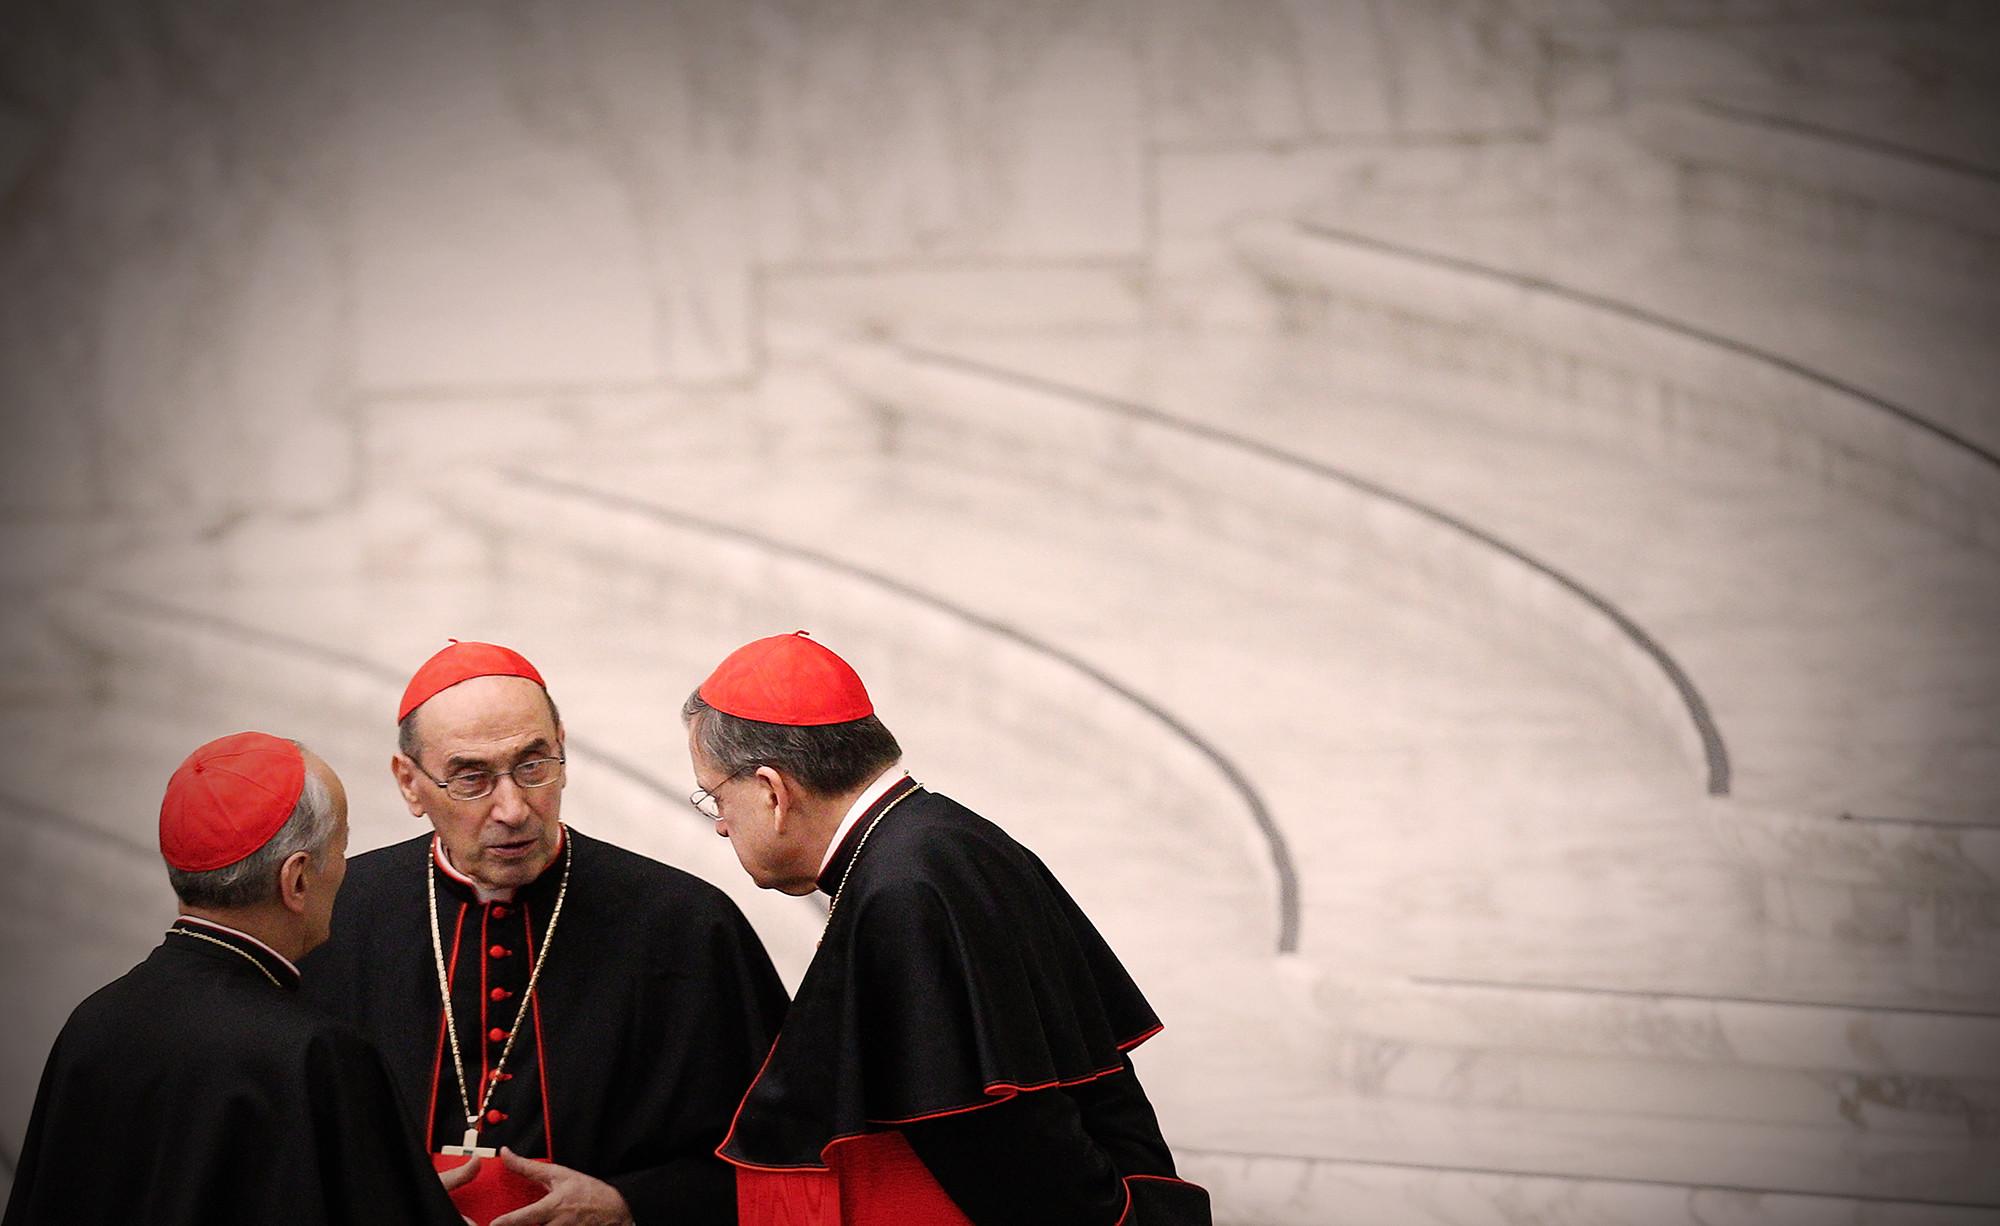 Die Tafelrunde Von St Gallen Franziskus Zum Papst Machte